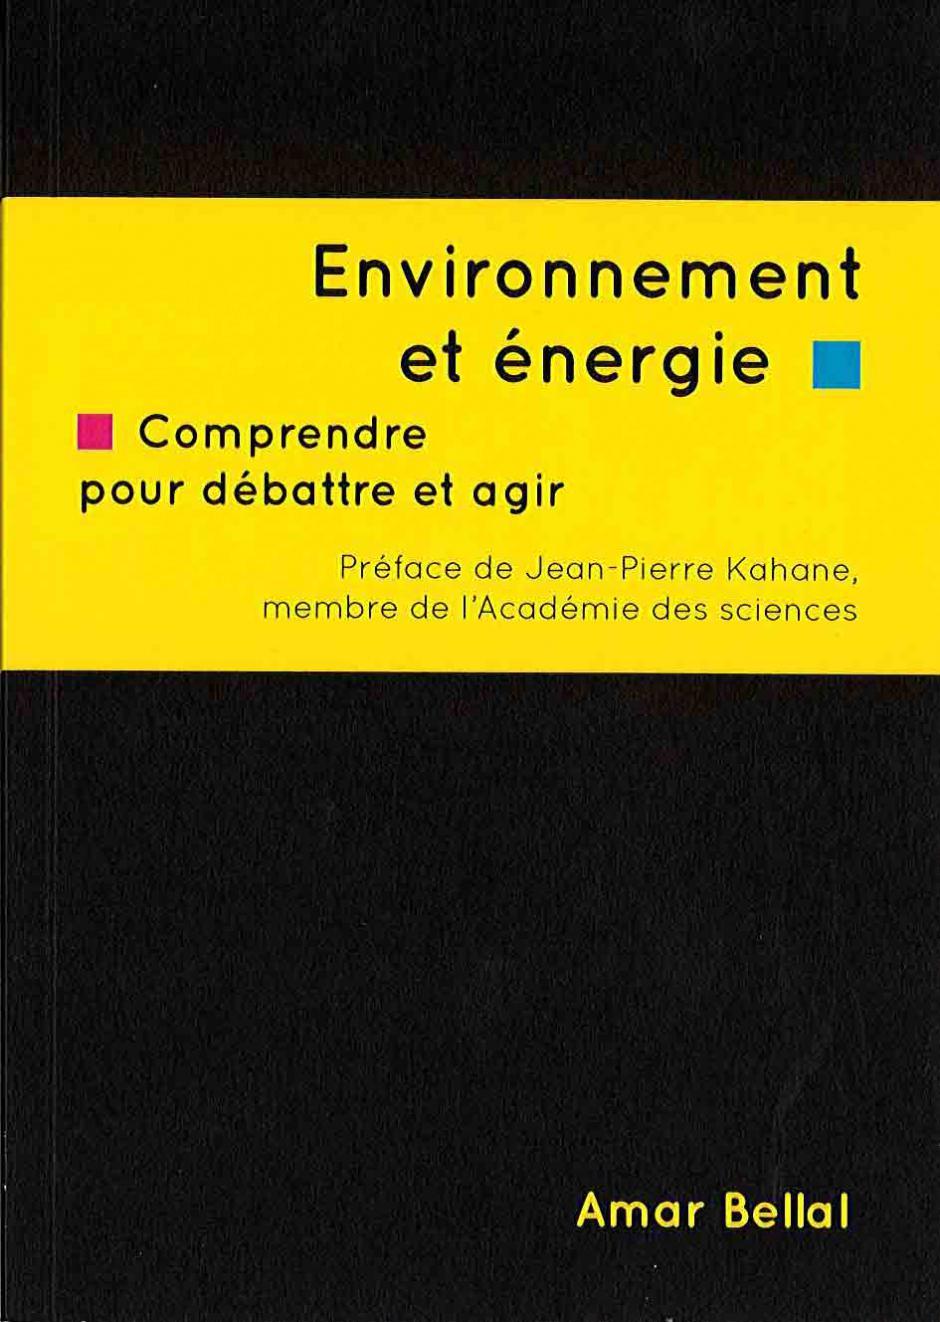 Environnement et énergie - Amar Bellal